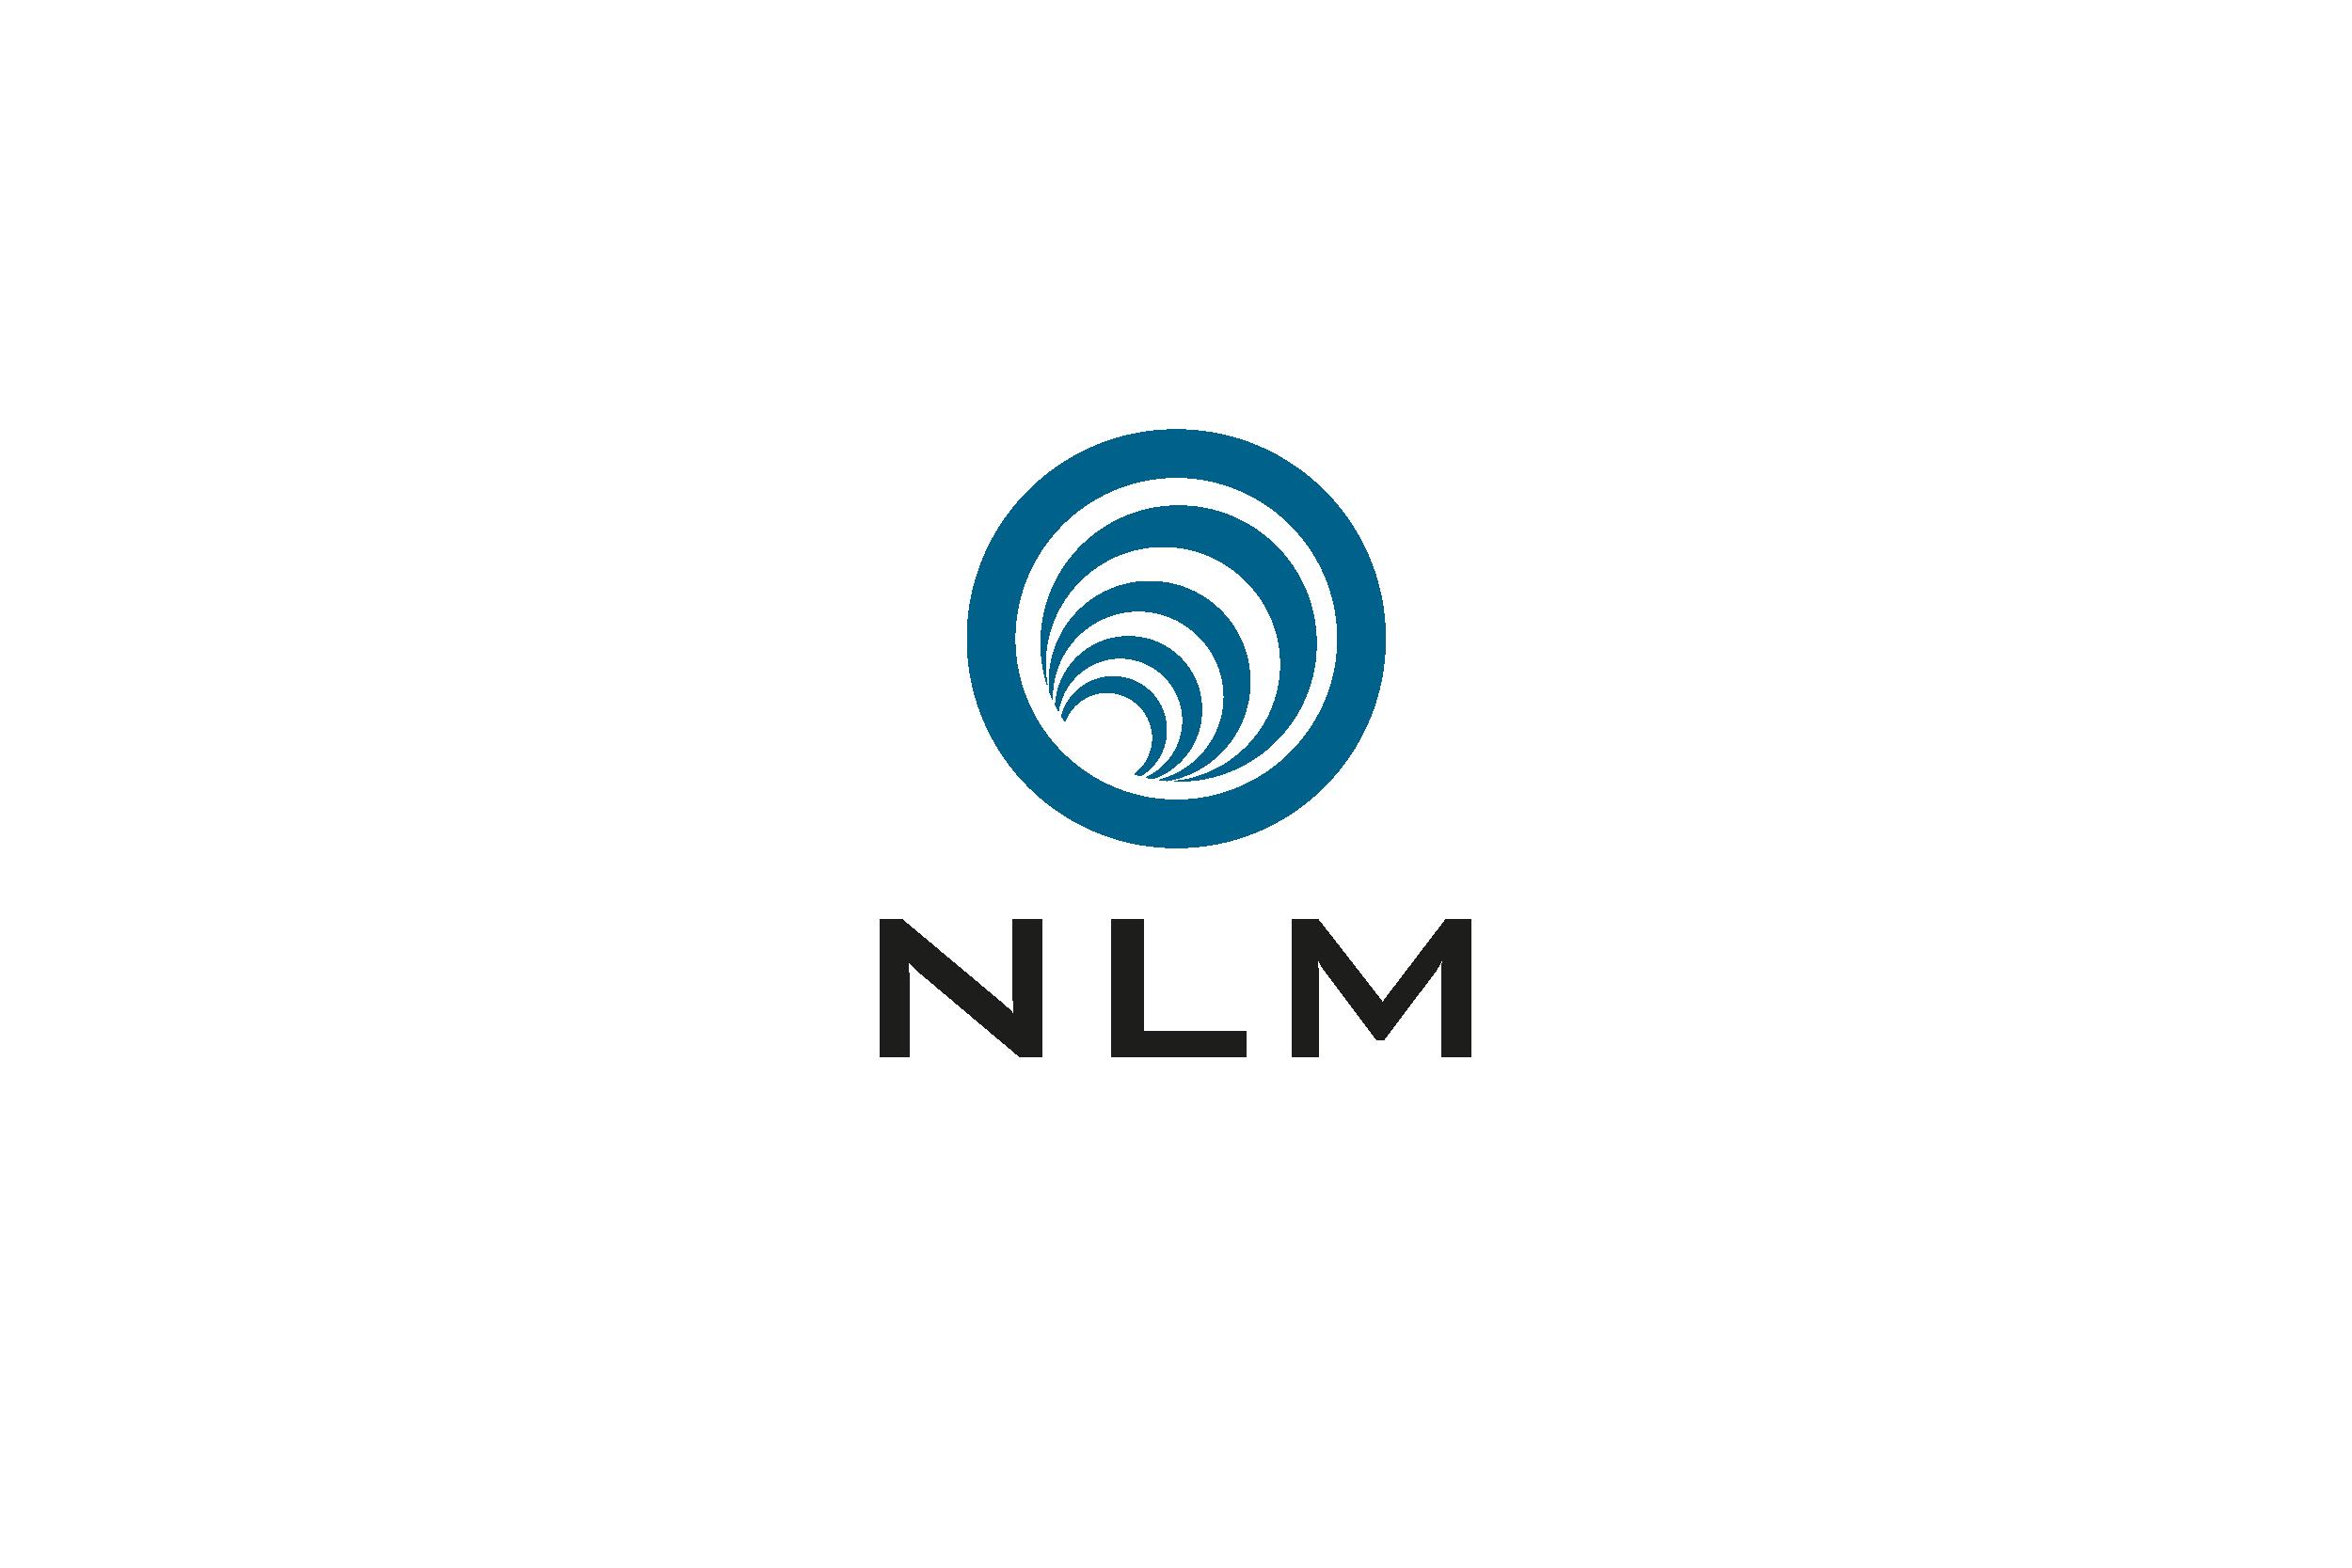 NLM.png